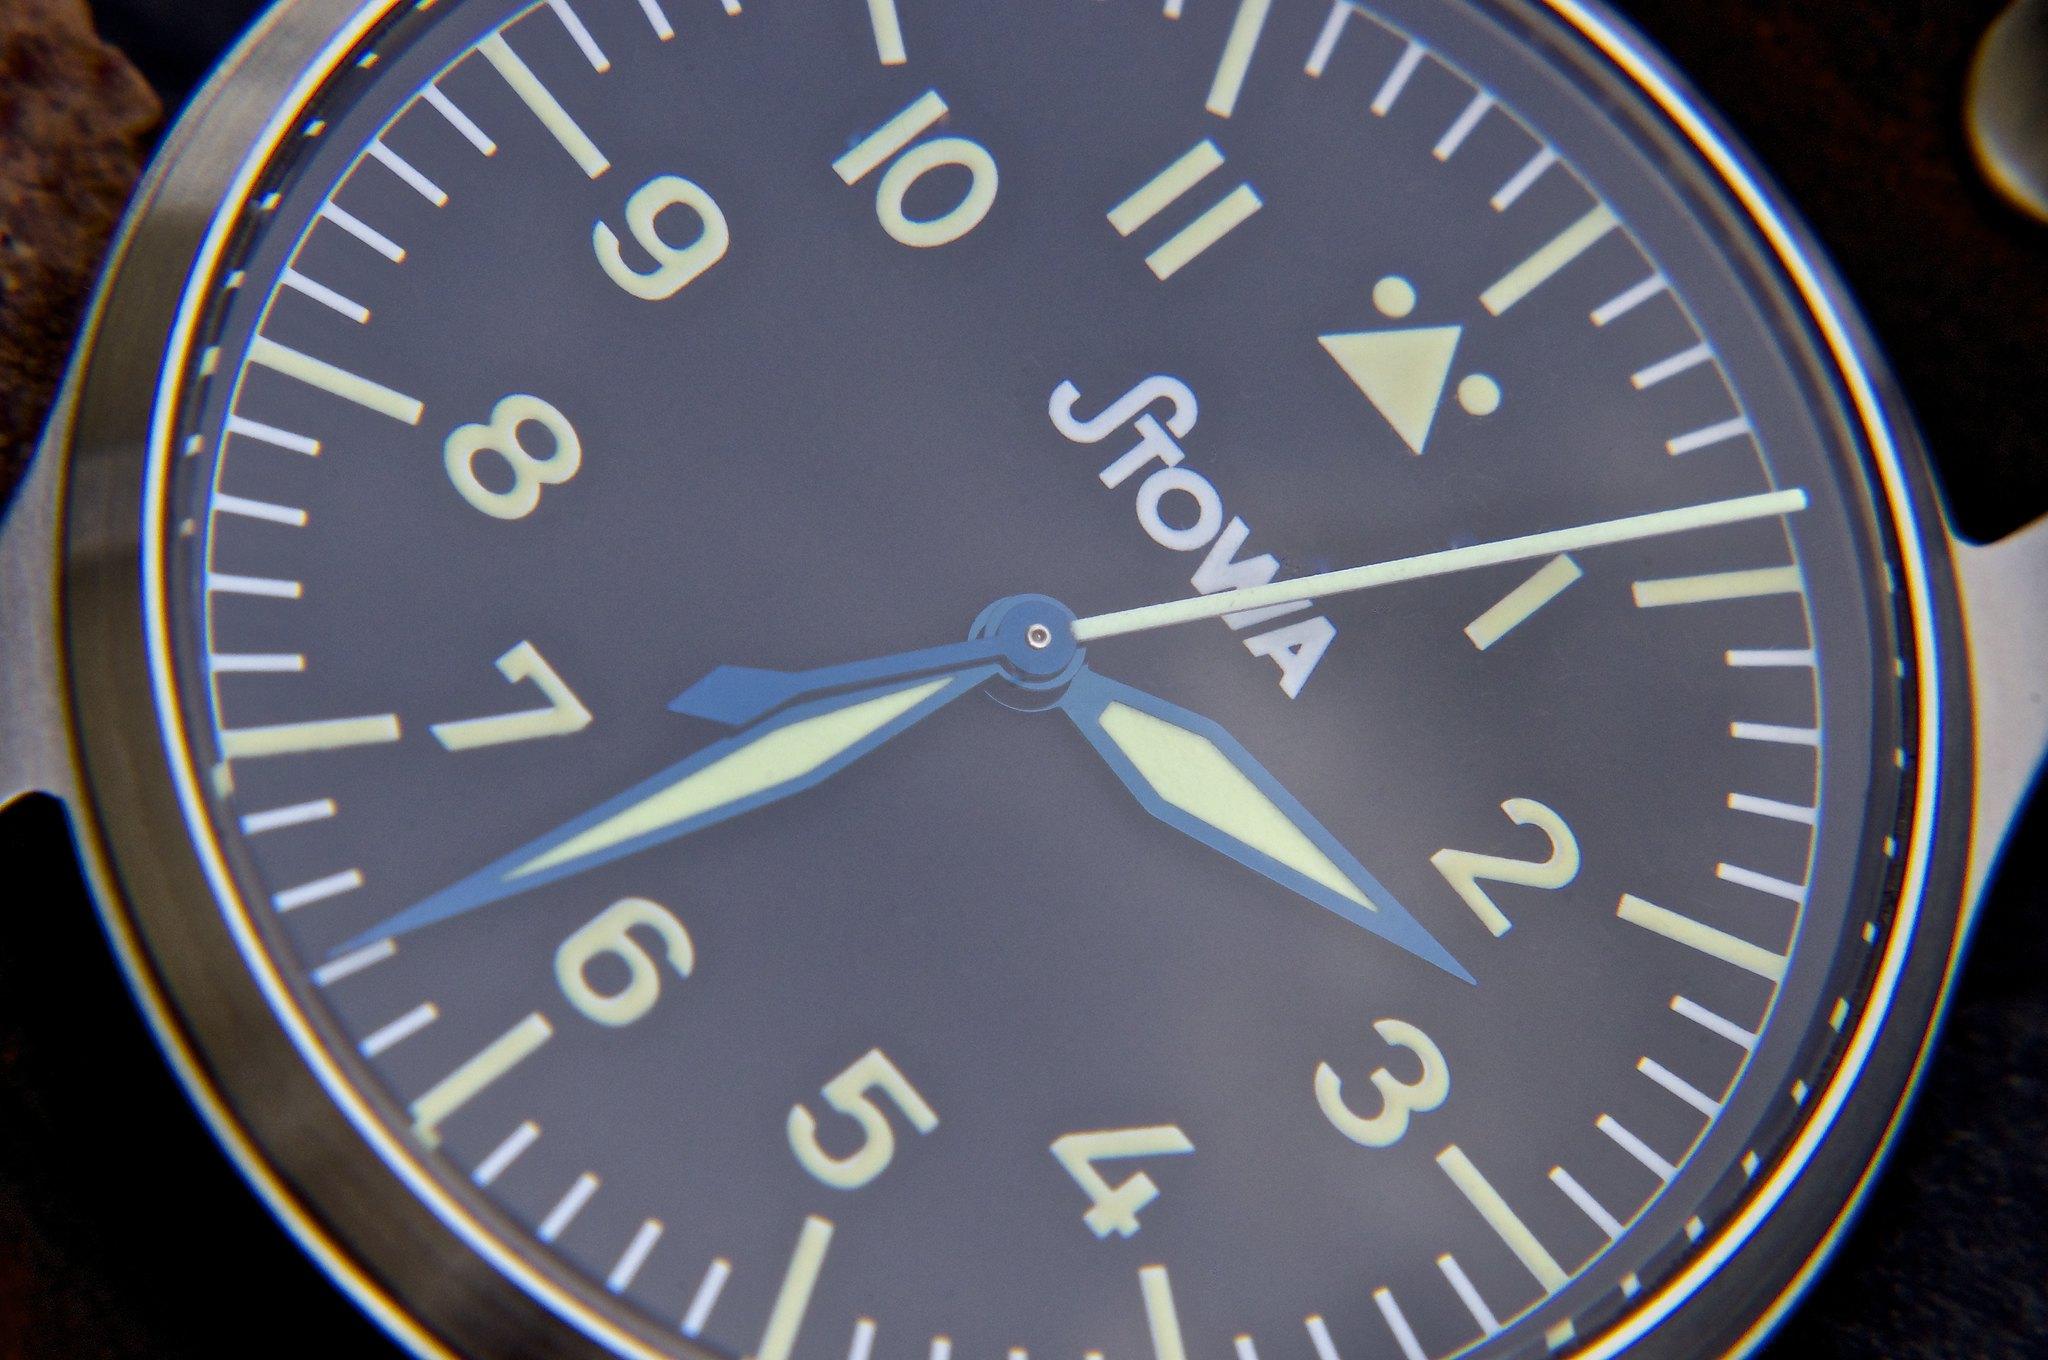 Quelle est votre plus belle conquête horlogère ? (Avec photo !)  - Page 2 8654227023_d04cb4835e_k